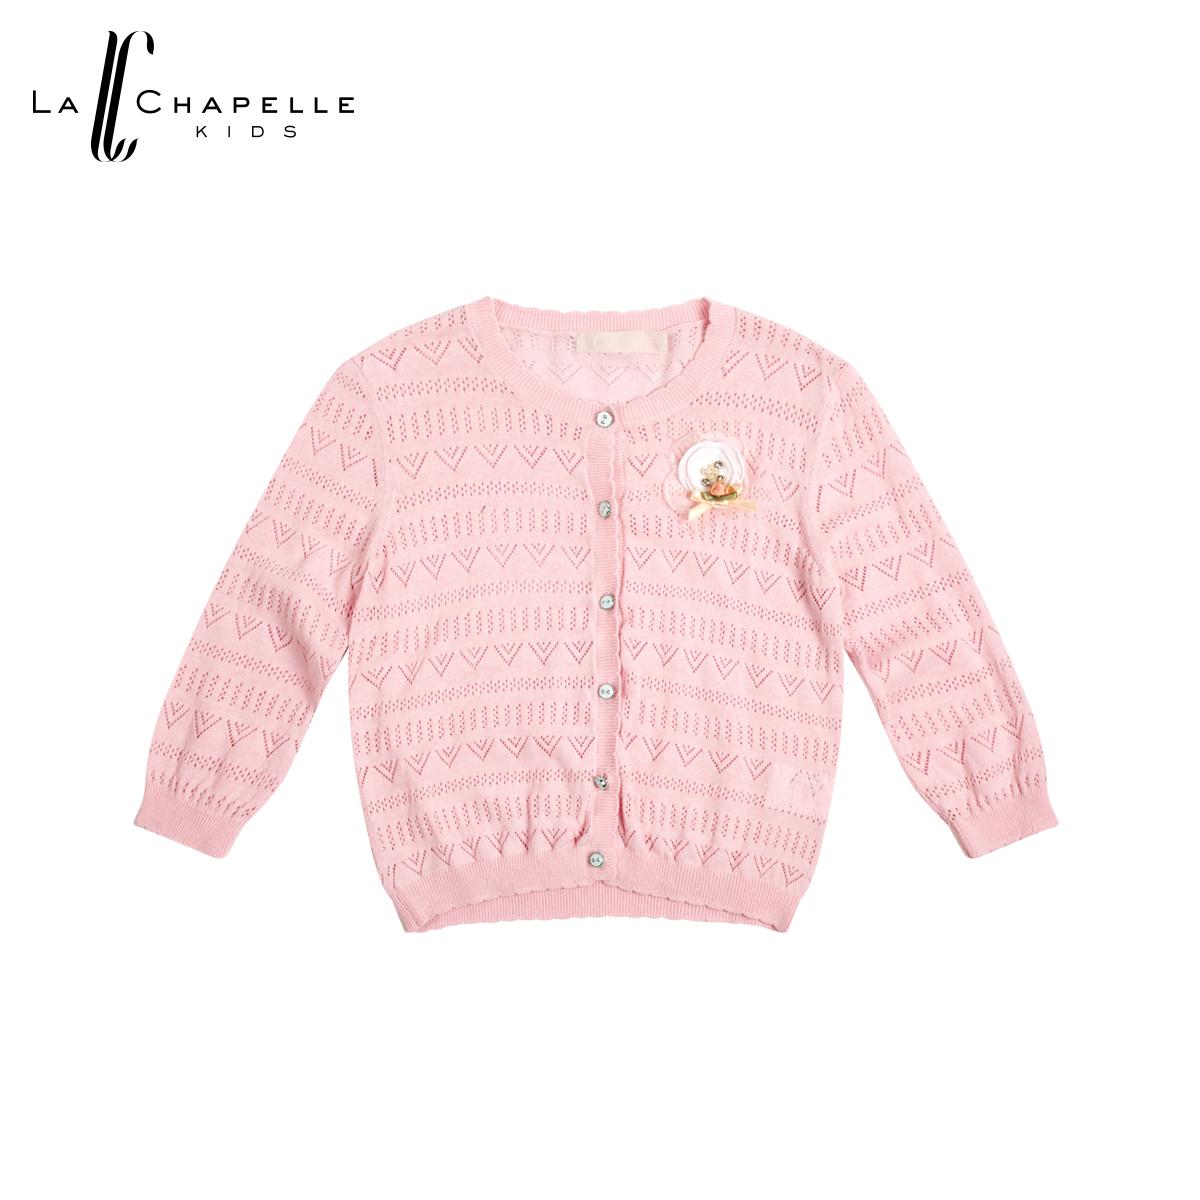 拉夏貝爾KIDS2016夏 可愛 兒童針織衫開衫 女10200683